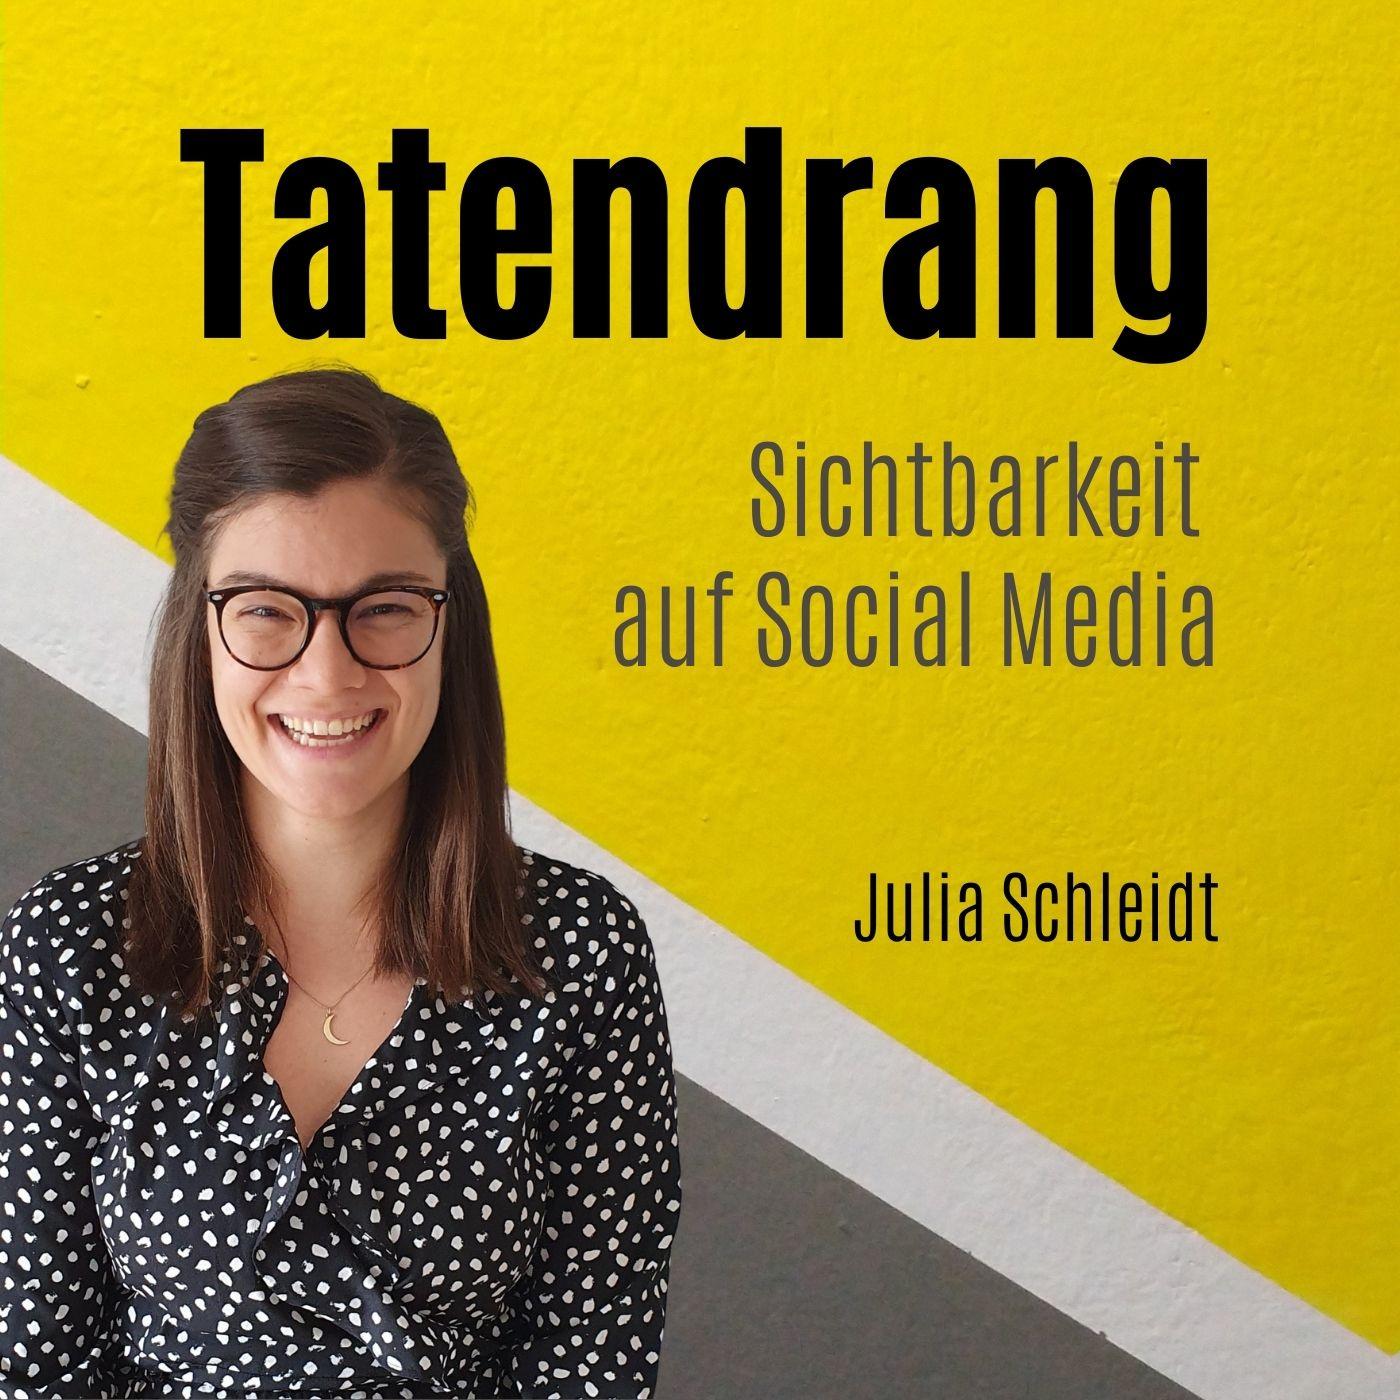 Sichtbarkeit auf Social Media | Mein Start auf Instagram- Was in einem Jahr möglich ist